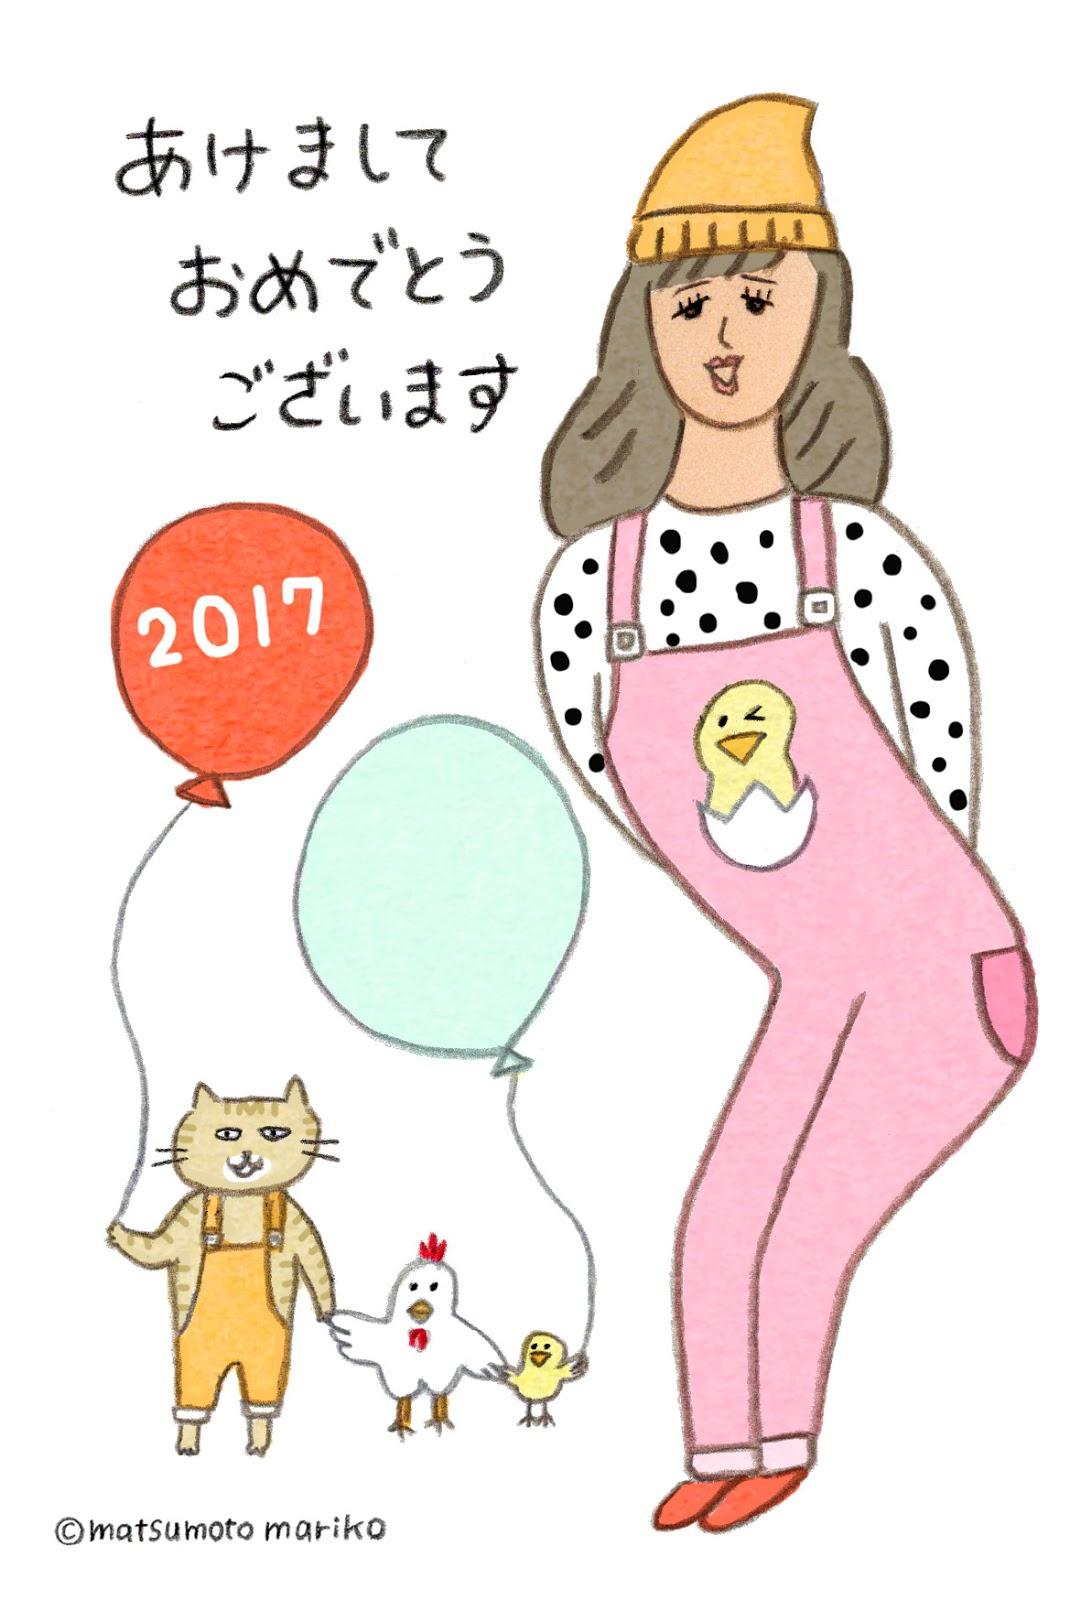 松元まり子のイラスト帖 2017年賀状イラスト